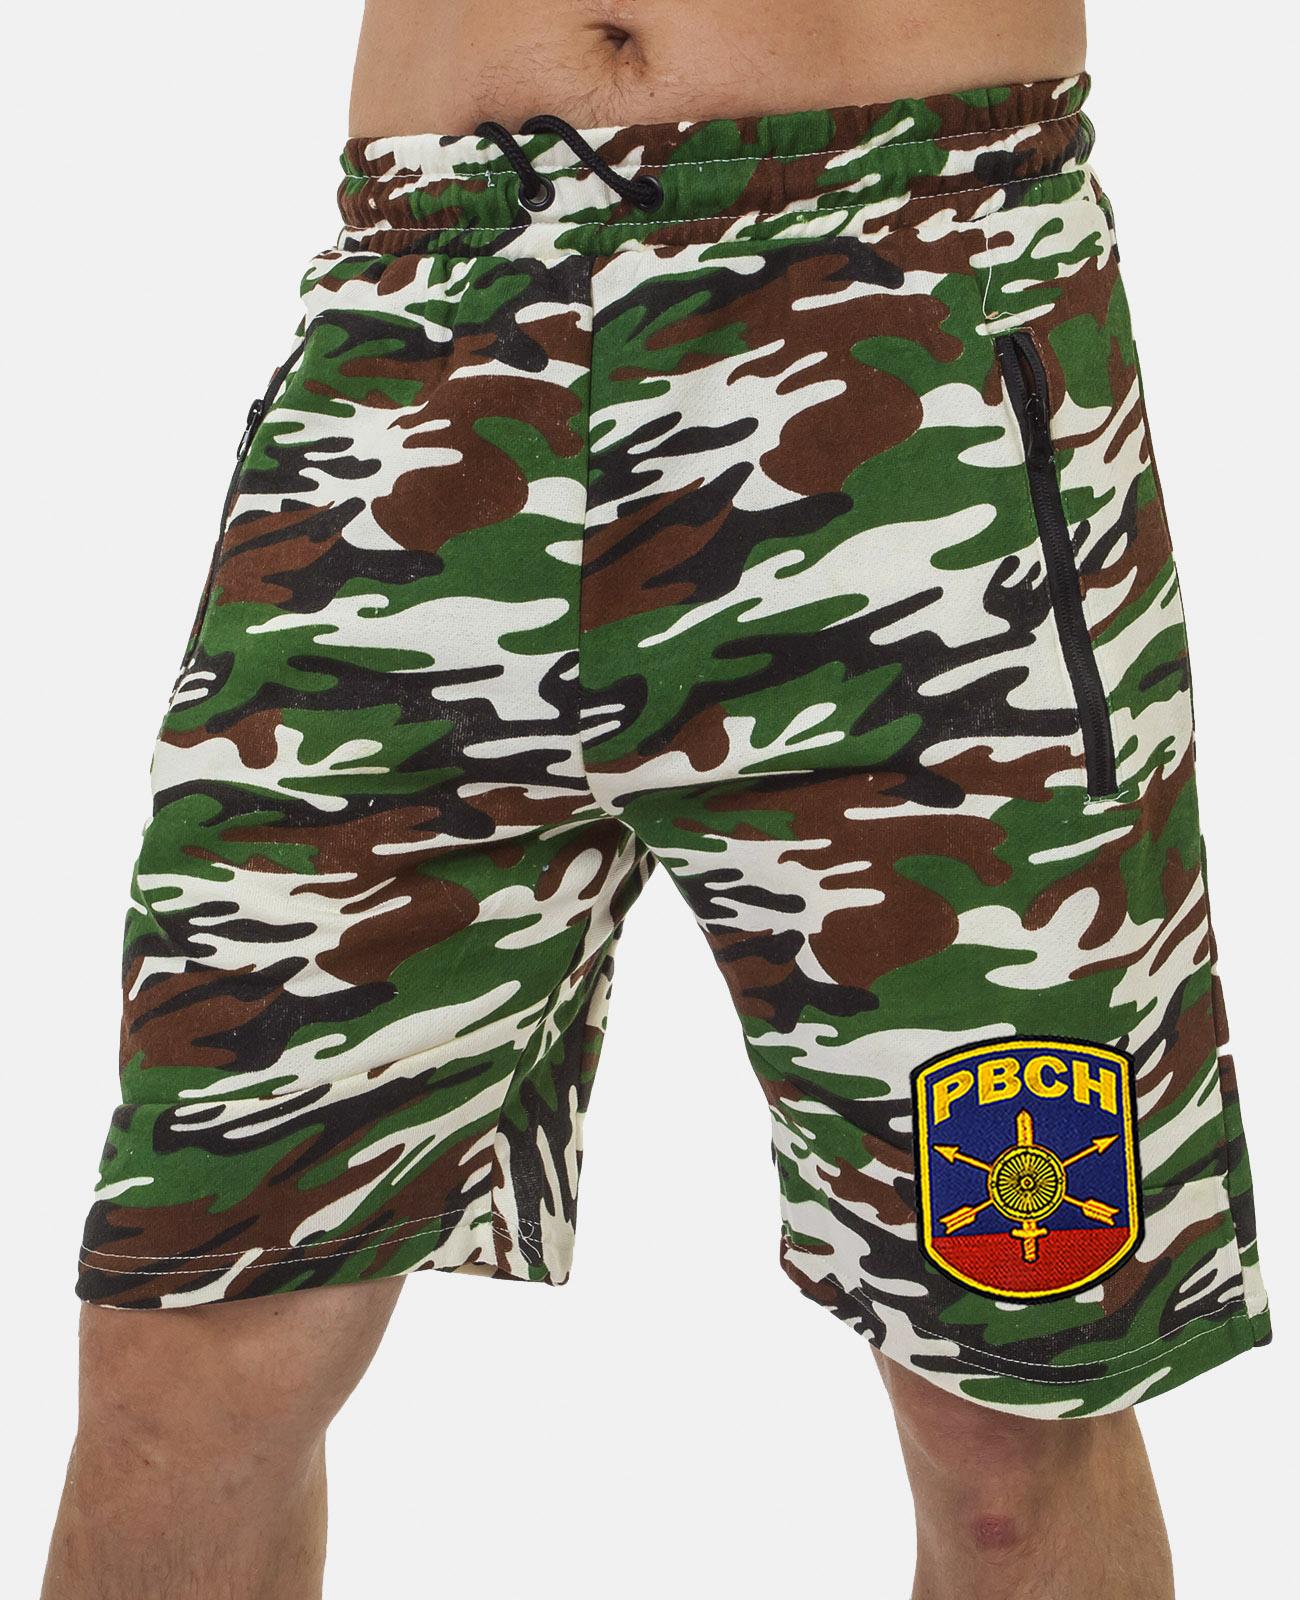 Купить армейские комфортные шорты с нашивкой РВСН в подарок мужчине